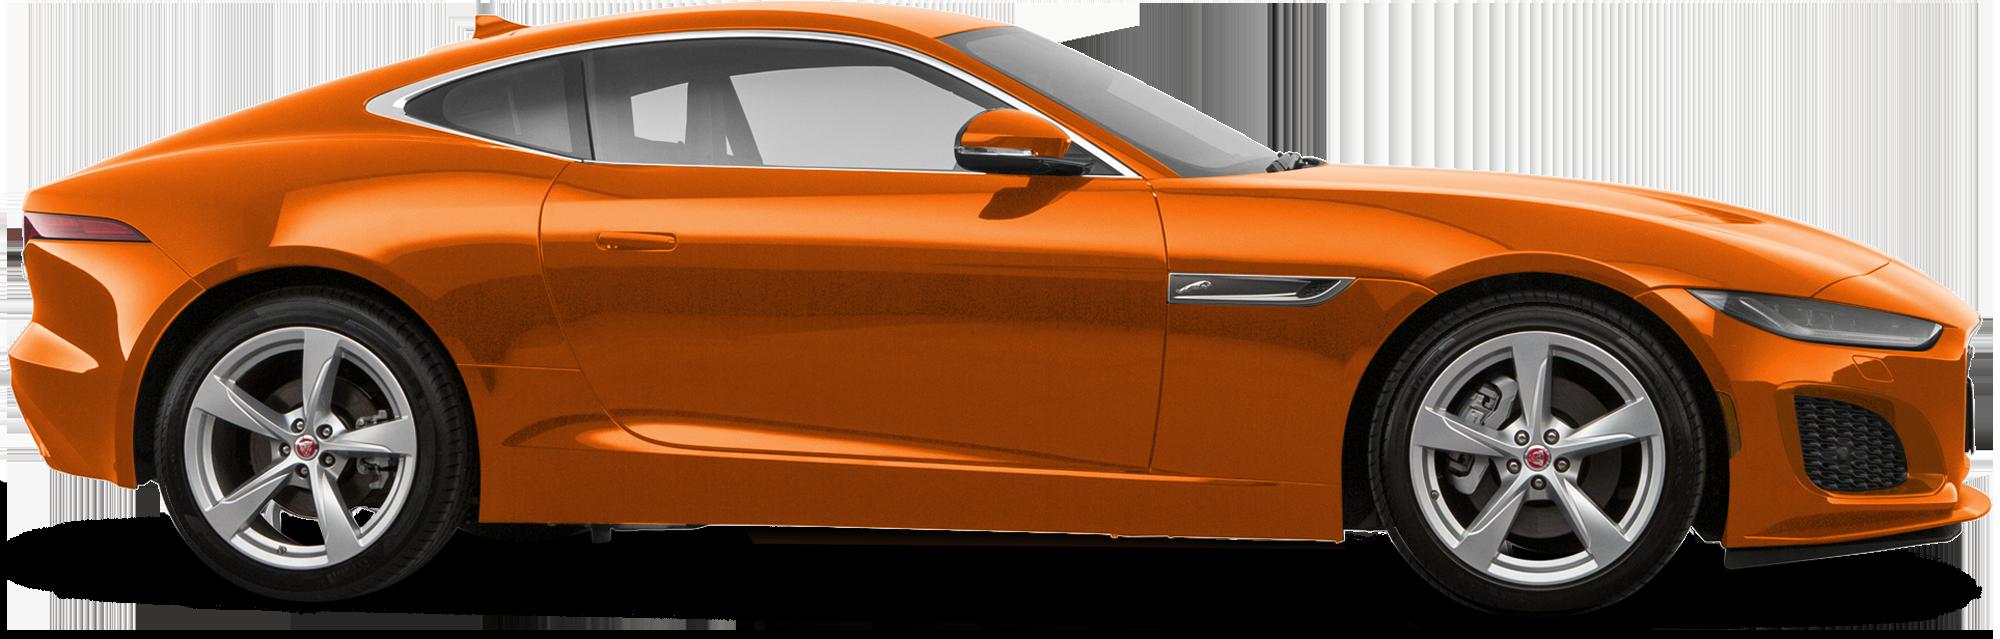 2022 Jaguar F-TYPE Coupe P450